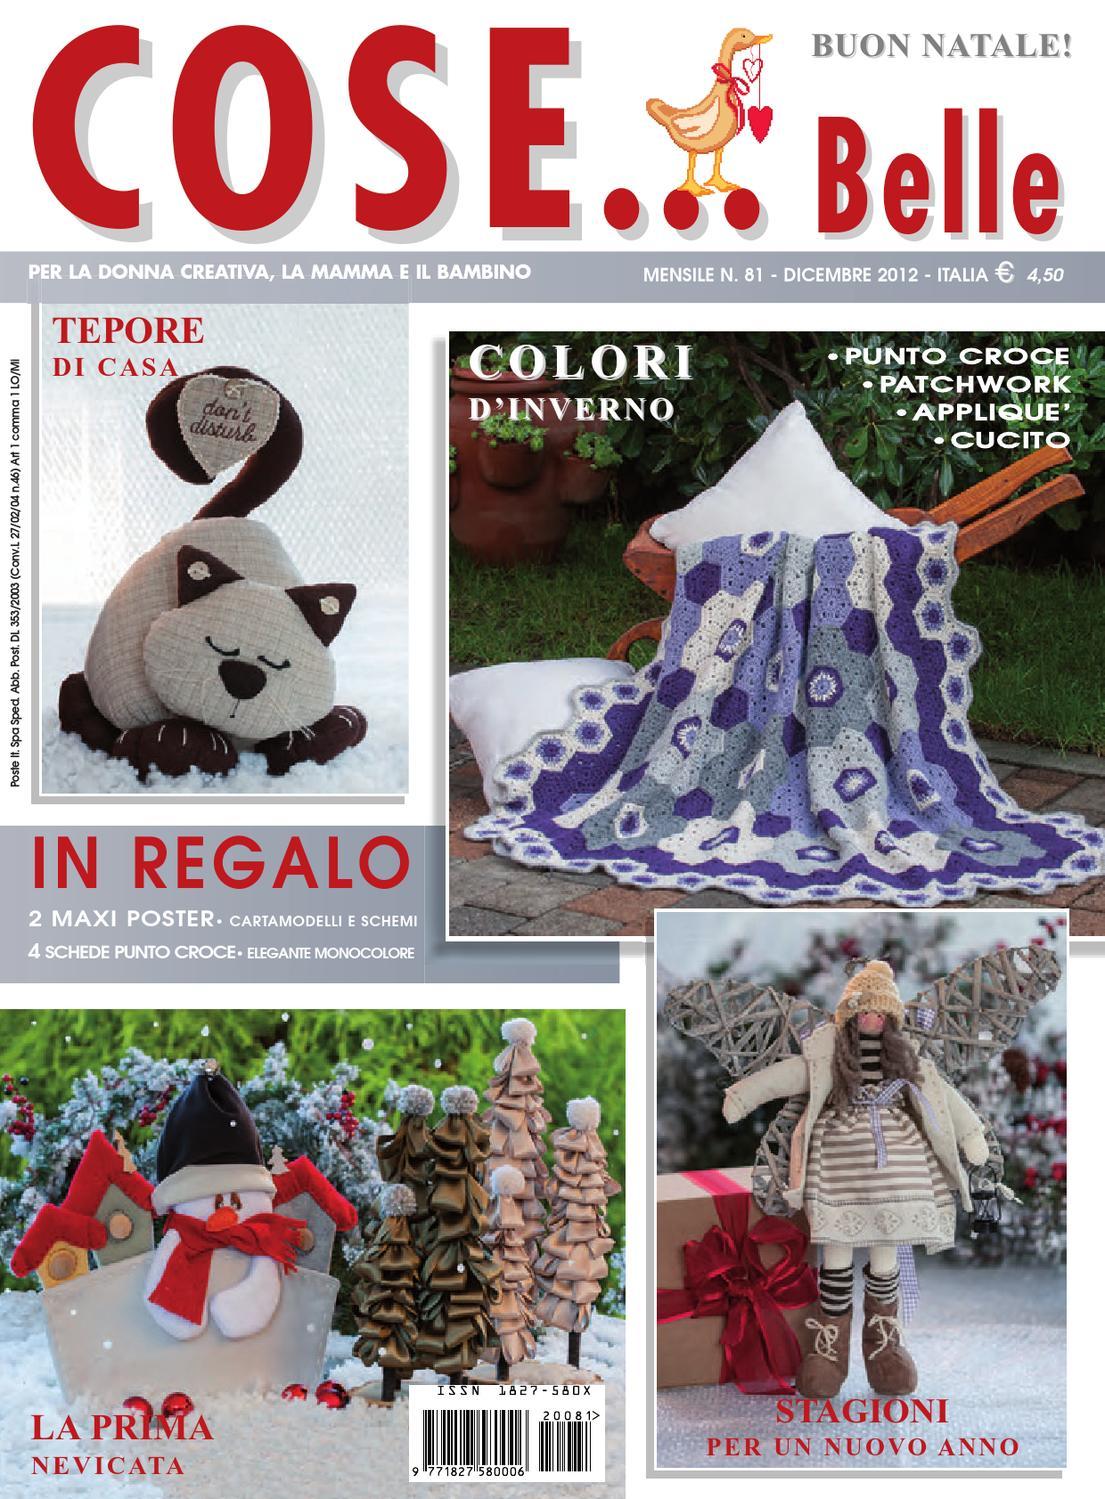 Cose belle e cose per creare dicembre 2012 by cosebelleweb issuu - Cose belle per la casa ...